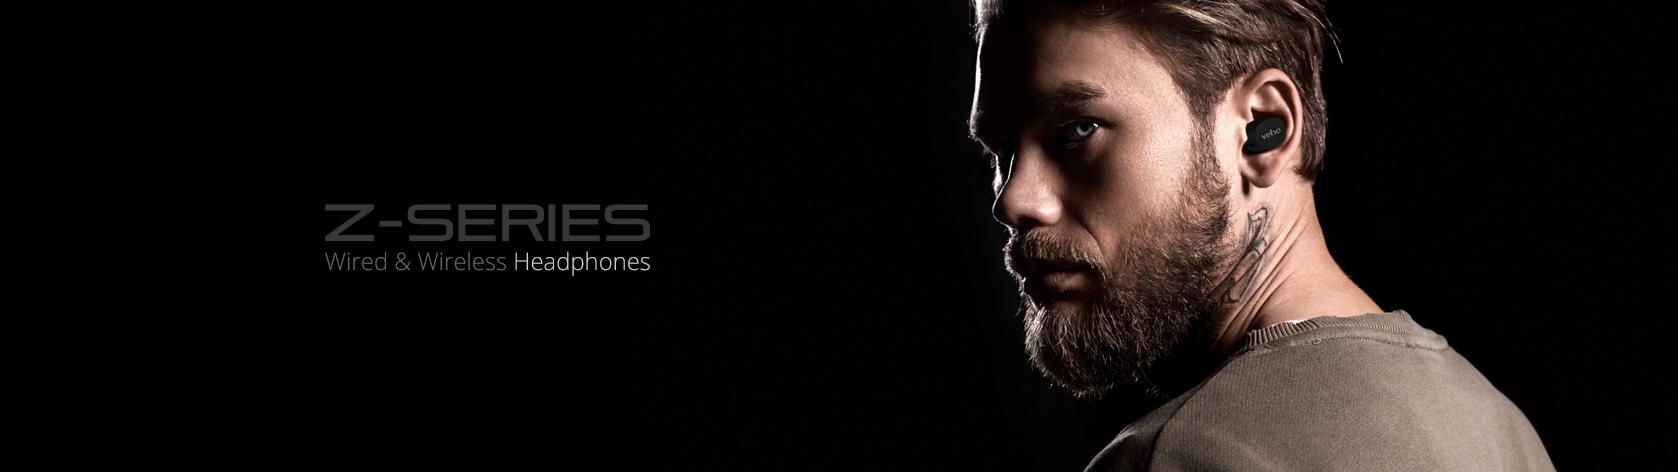 Z-Series Headphones